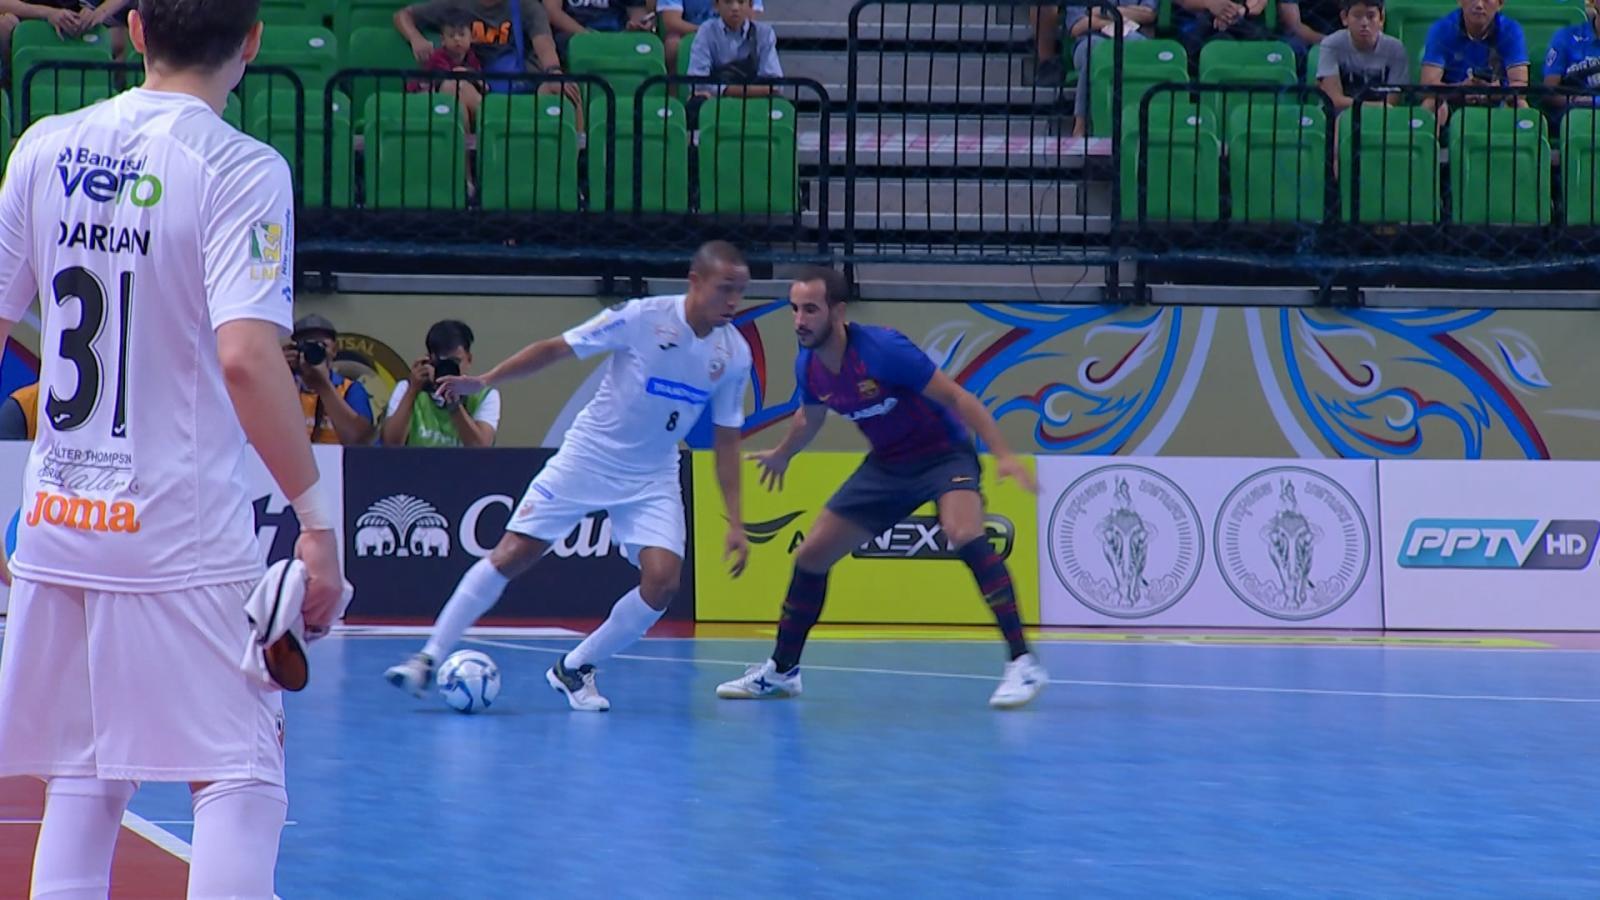 คาร์ลอส บาร์โบซ่า พลิกแซงชนะ บาร์ซ่า ลาสซ่า 3-1